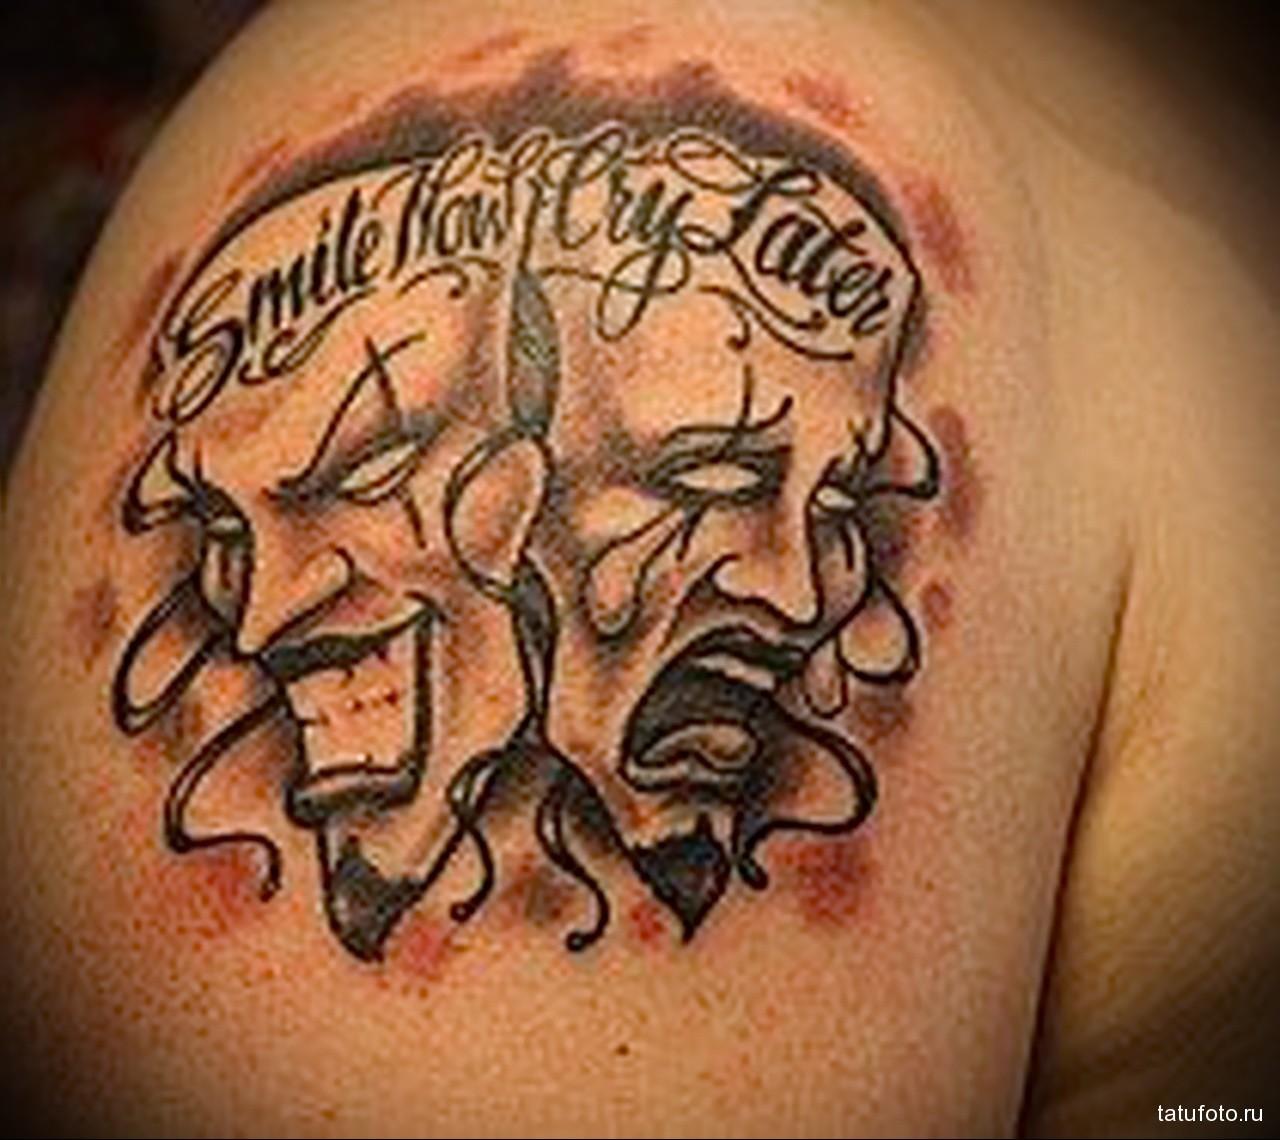 тату две театральные маски и надписи - мужская татуировка на плече